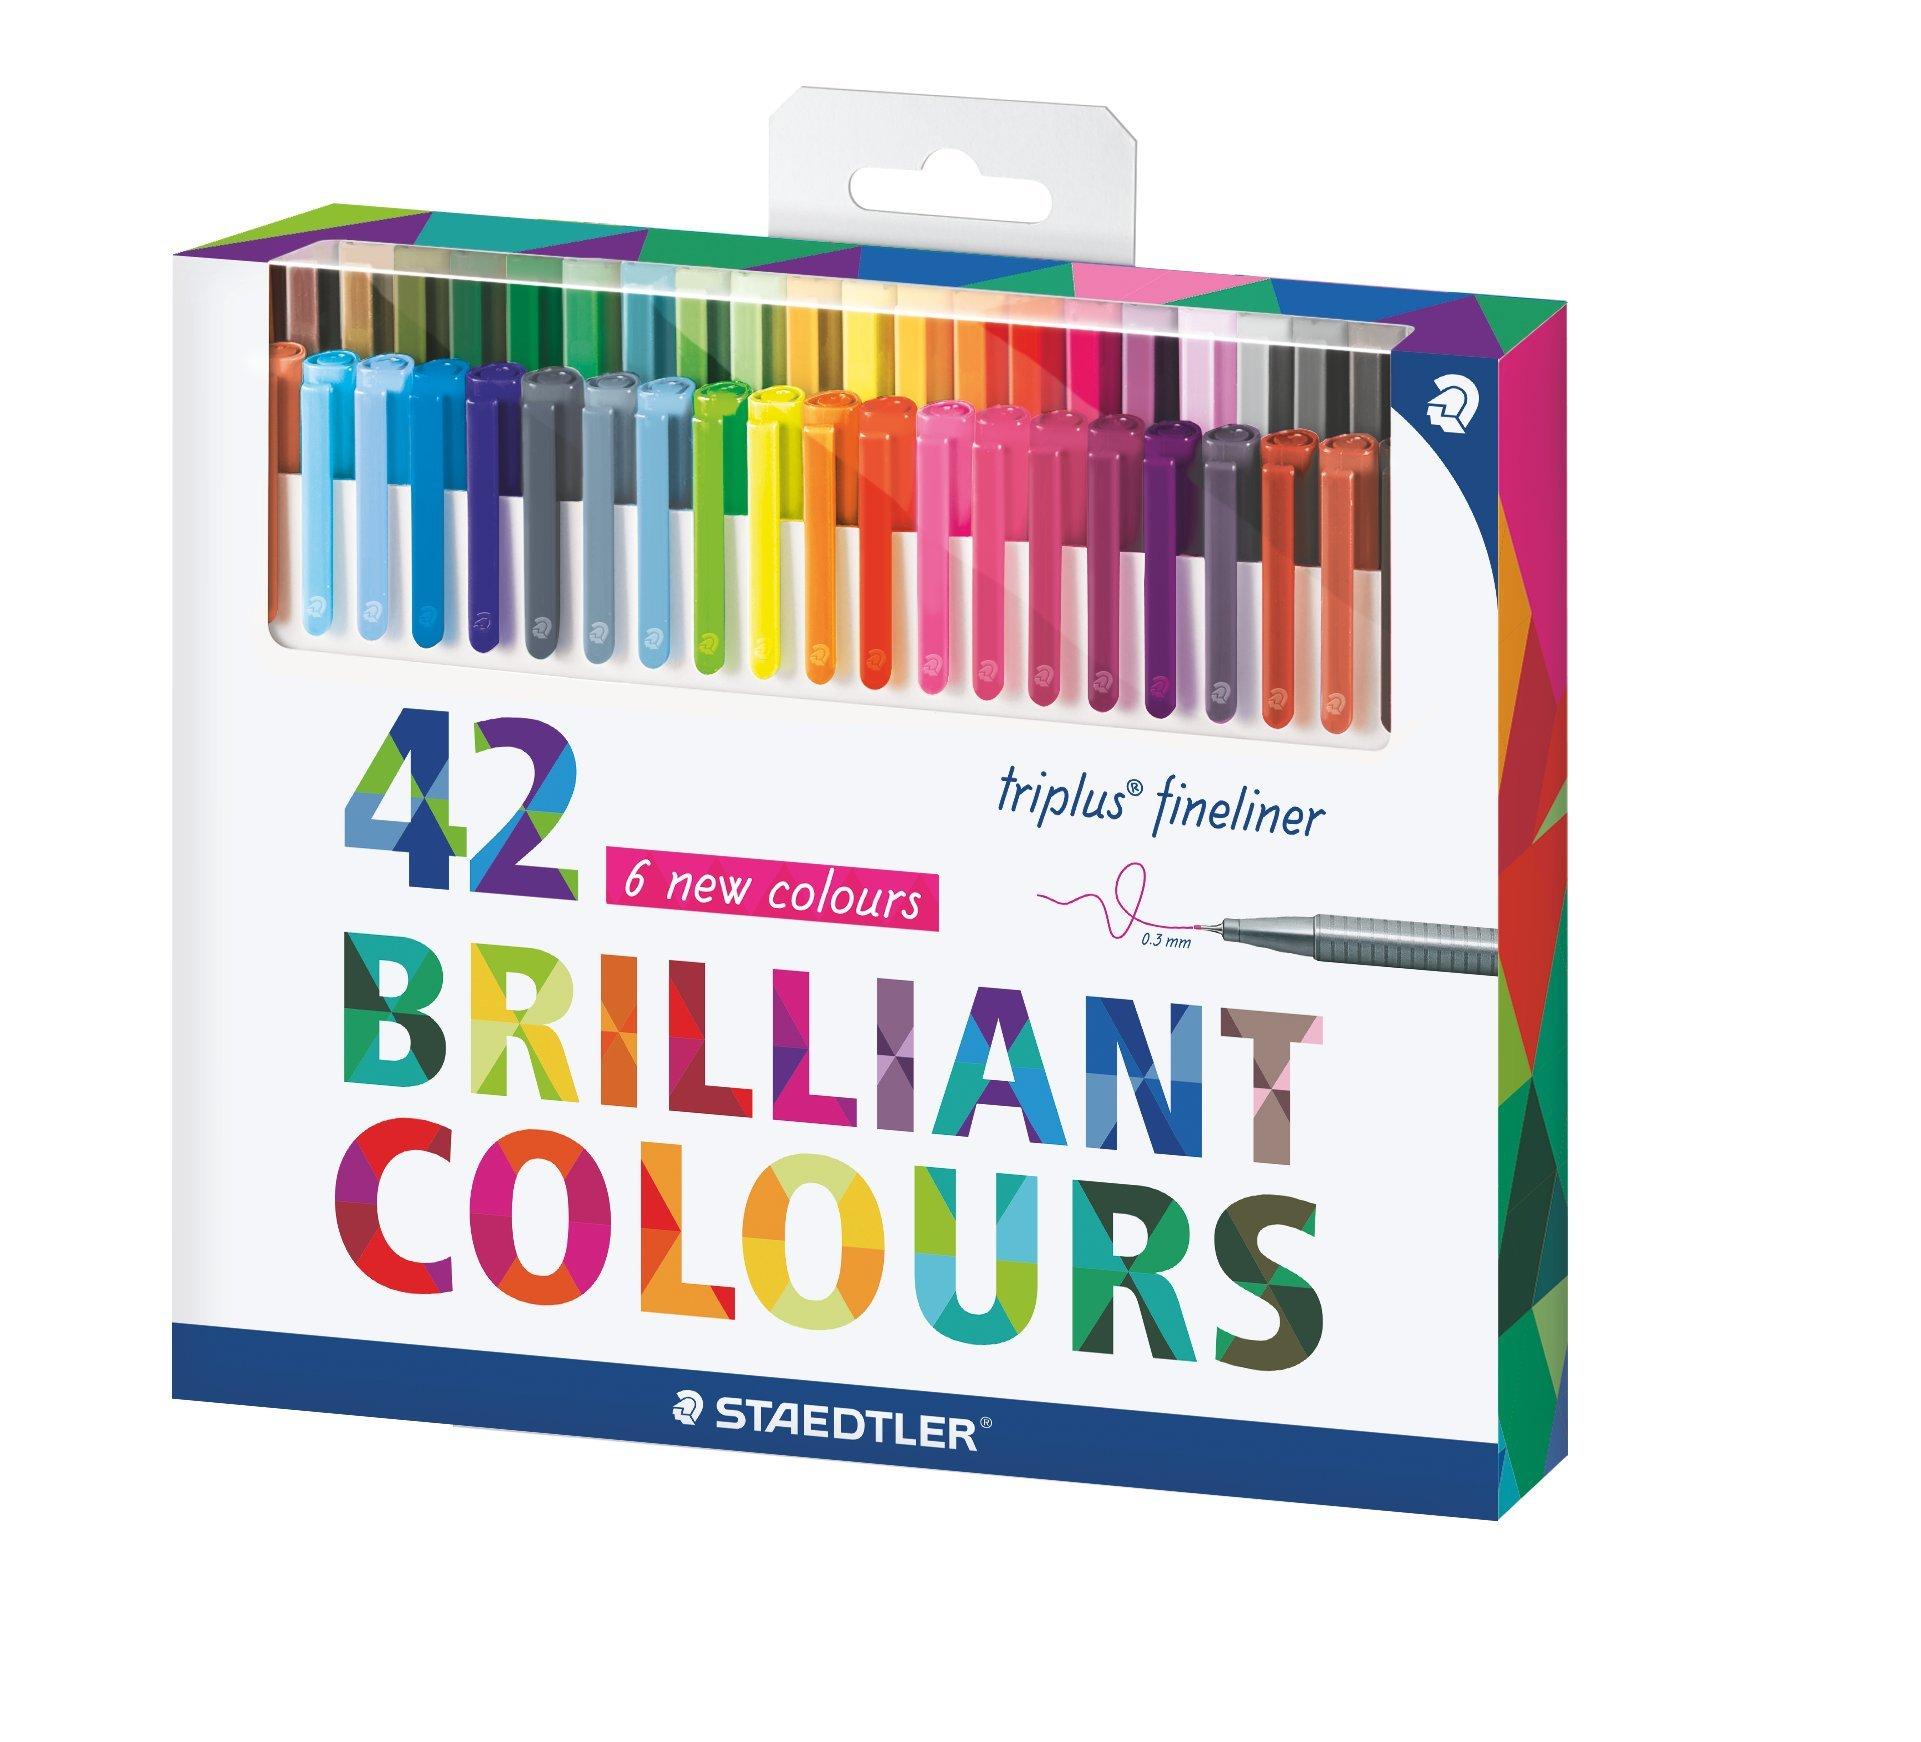 Staedtler Color Pen Set Set of 42 Assorted Colors (Triplus Fineliner ...